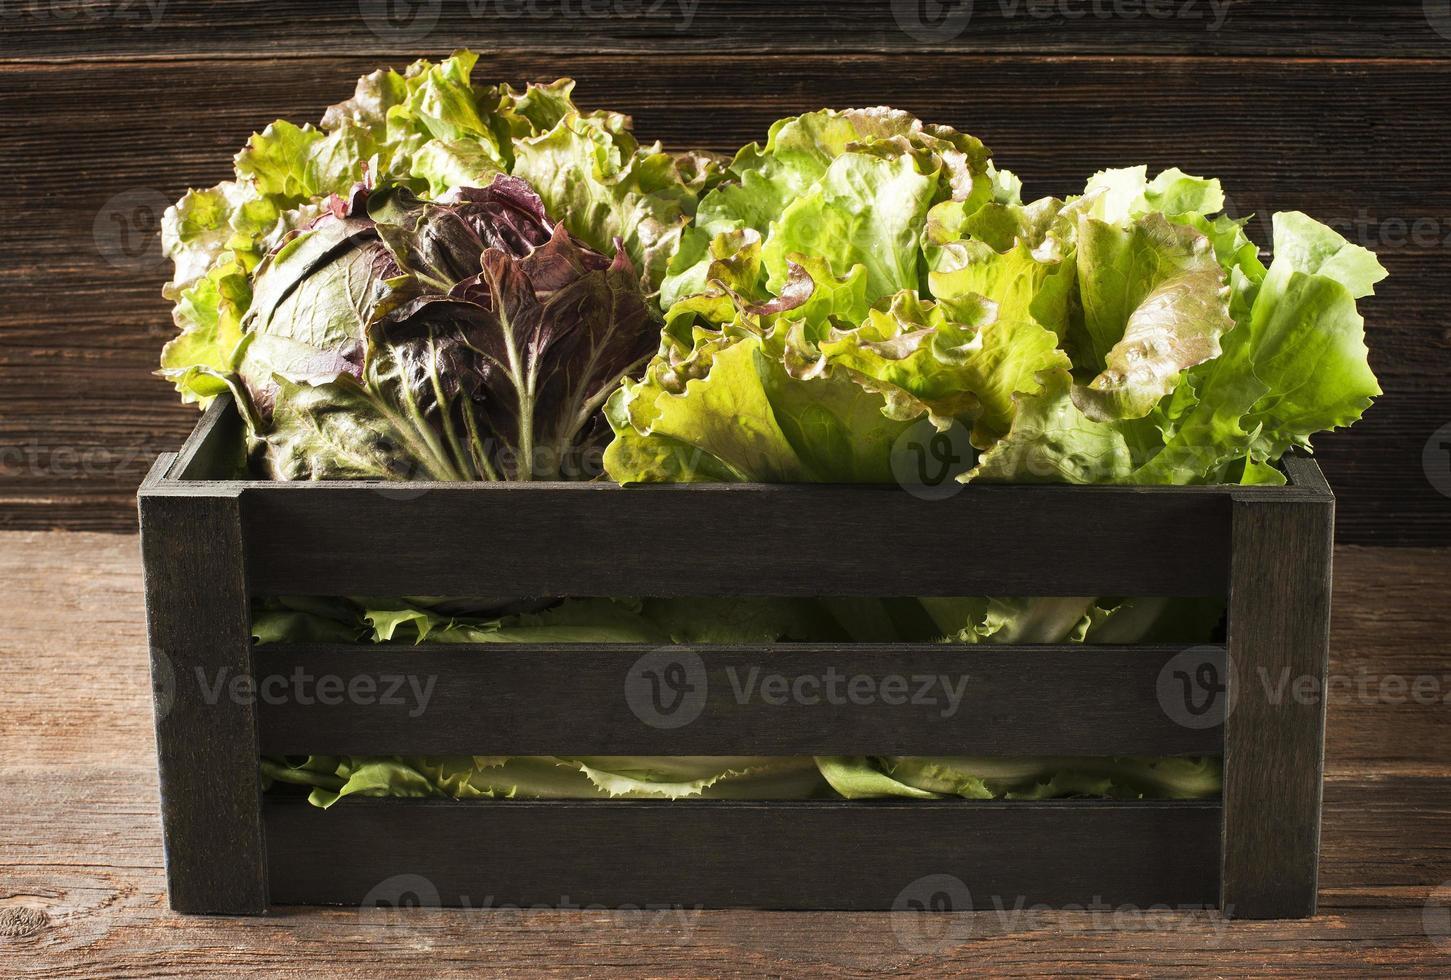 Salat in Box foto